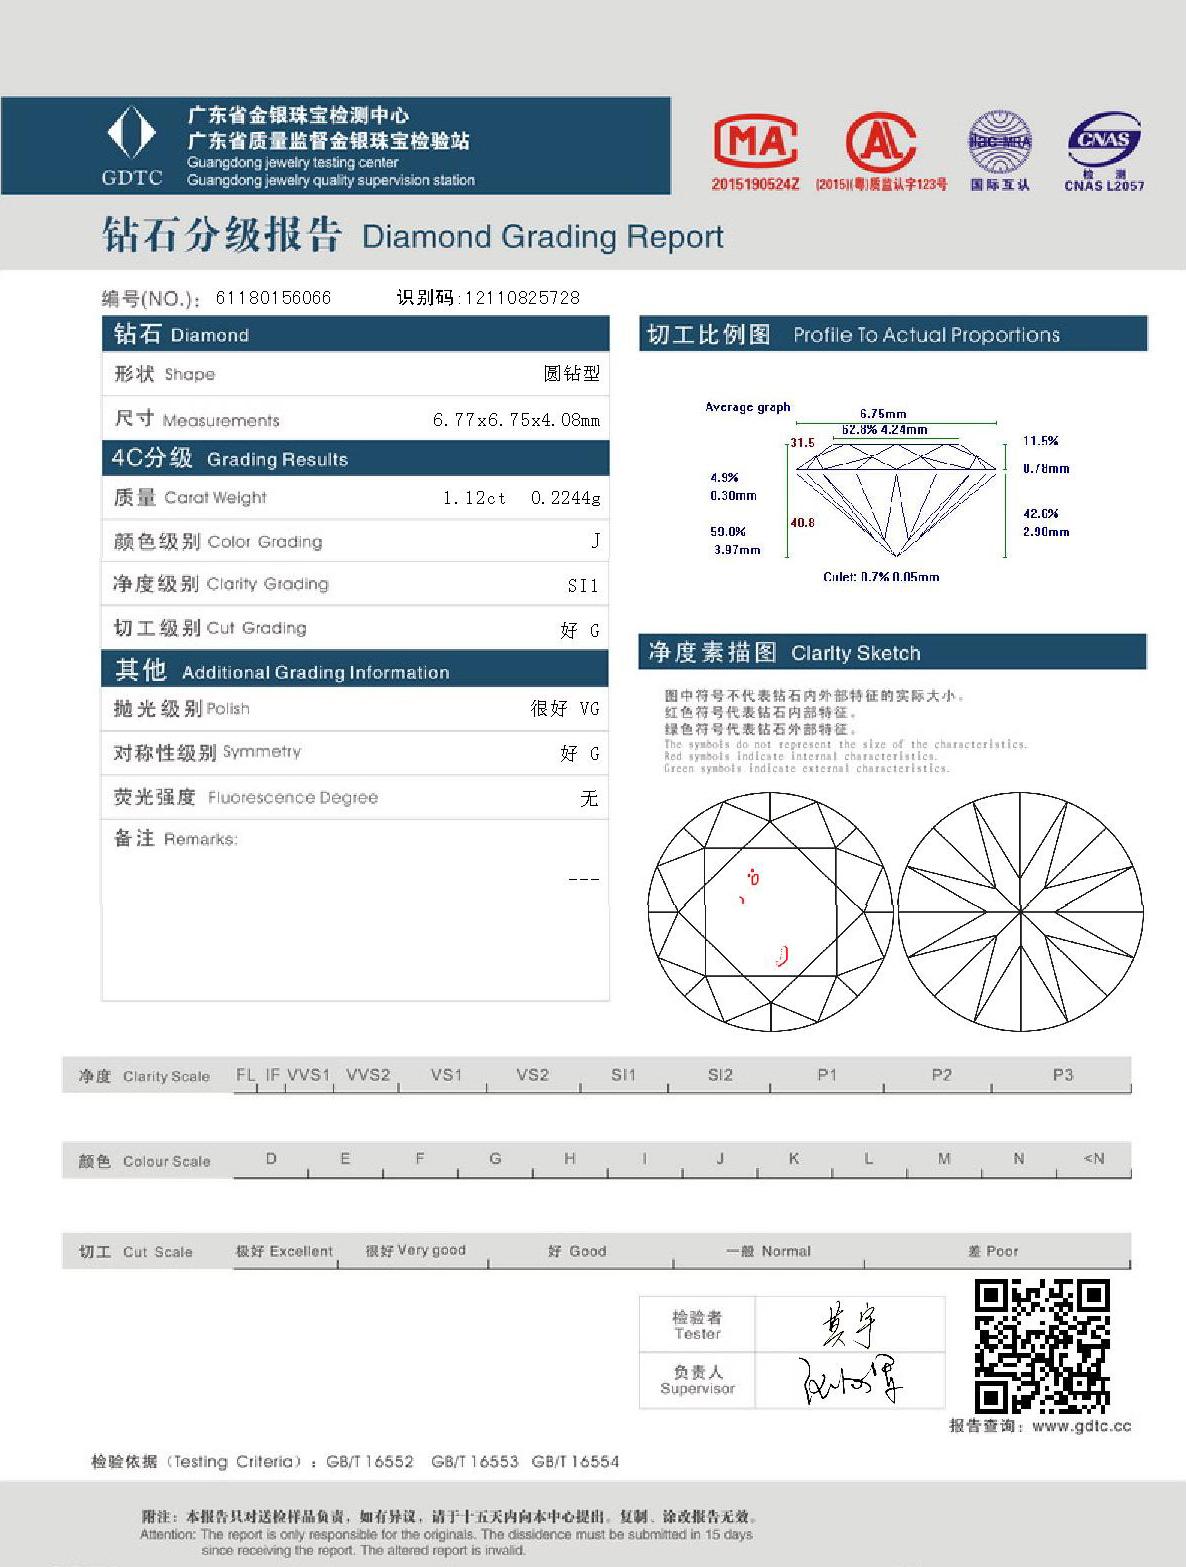 钻石报告1.JPG